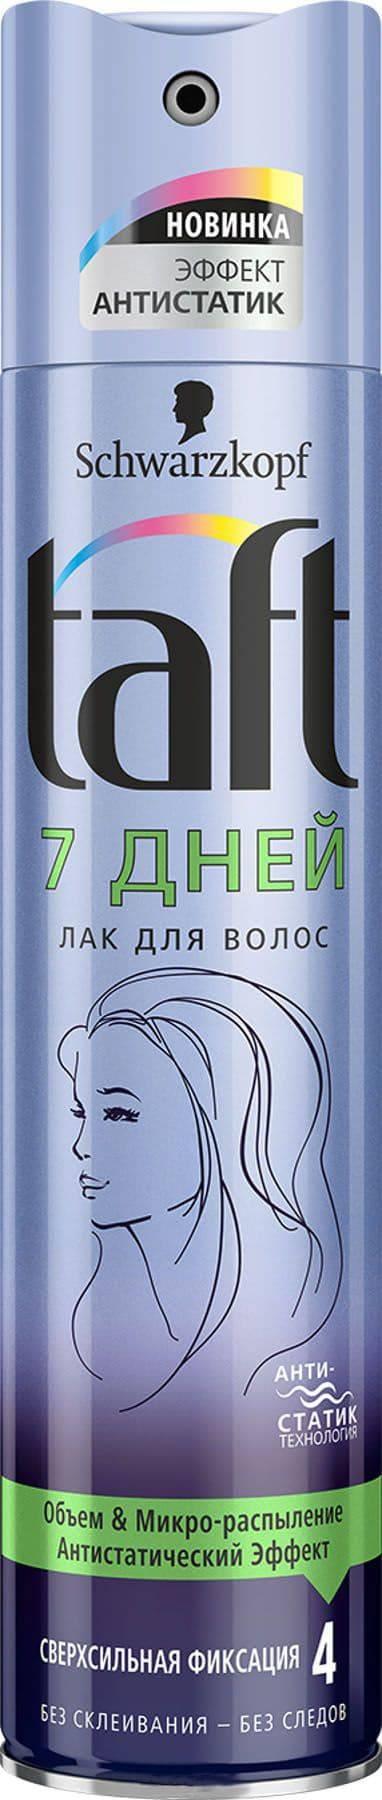 Schwarzkopf Professional Лак для волос 7 Дней сверхсильная фиксация, 225 мл schwarzkopf professional гель для укладки ultra укрепляющая формула с аргинином эффект мокрых волос сверхсильная фиксация 150 мл